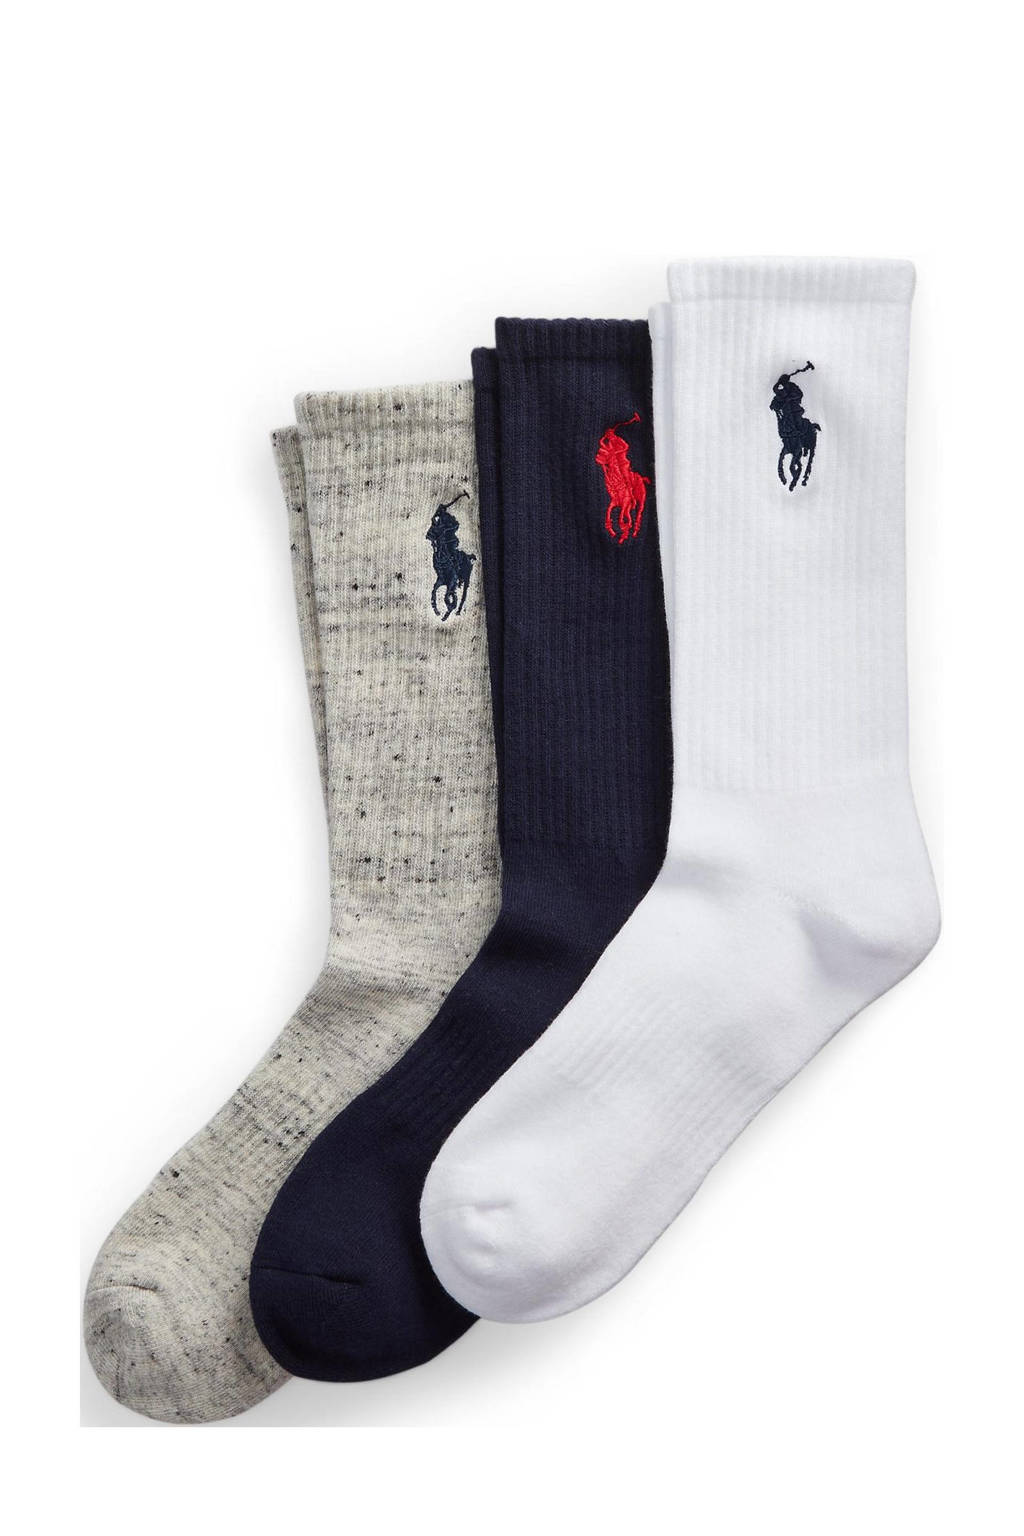 POLO Ralph Lauren sokken - set van 3 wit/blauw/grijs, Wit/blauw/grijs